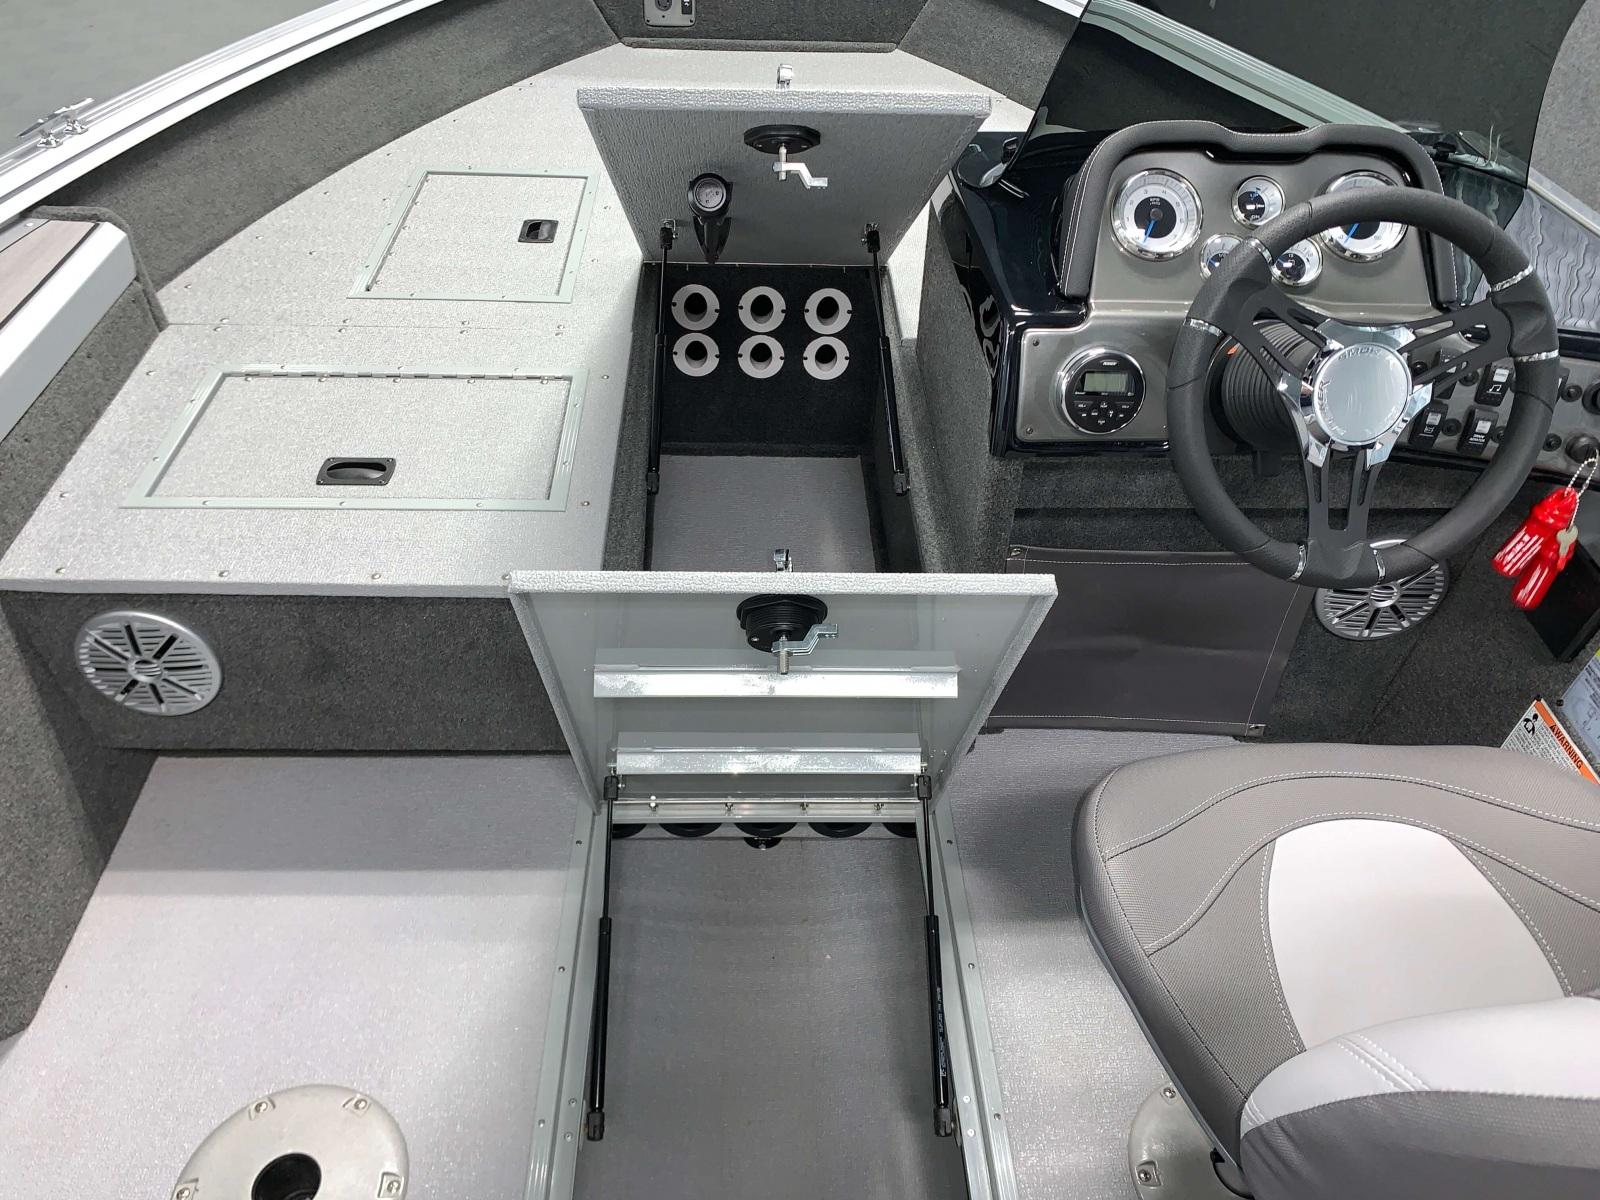 2020-Smoker-Craft-161-Pro-Angler-XL-Fishing-Boat-Subfloor-Rod-Storage